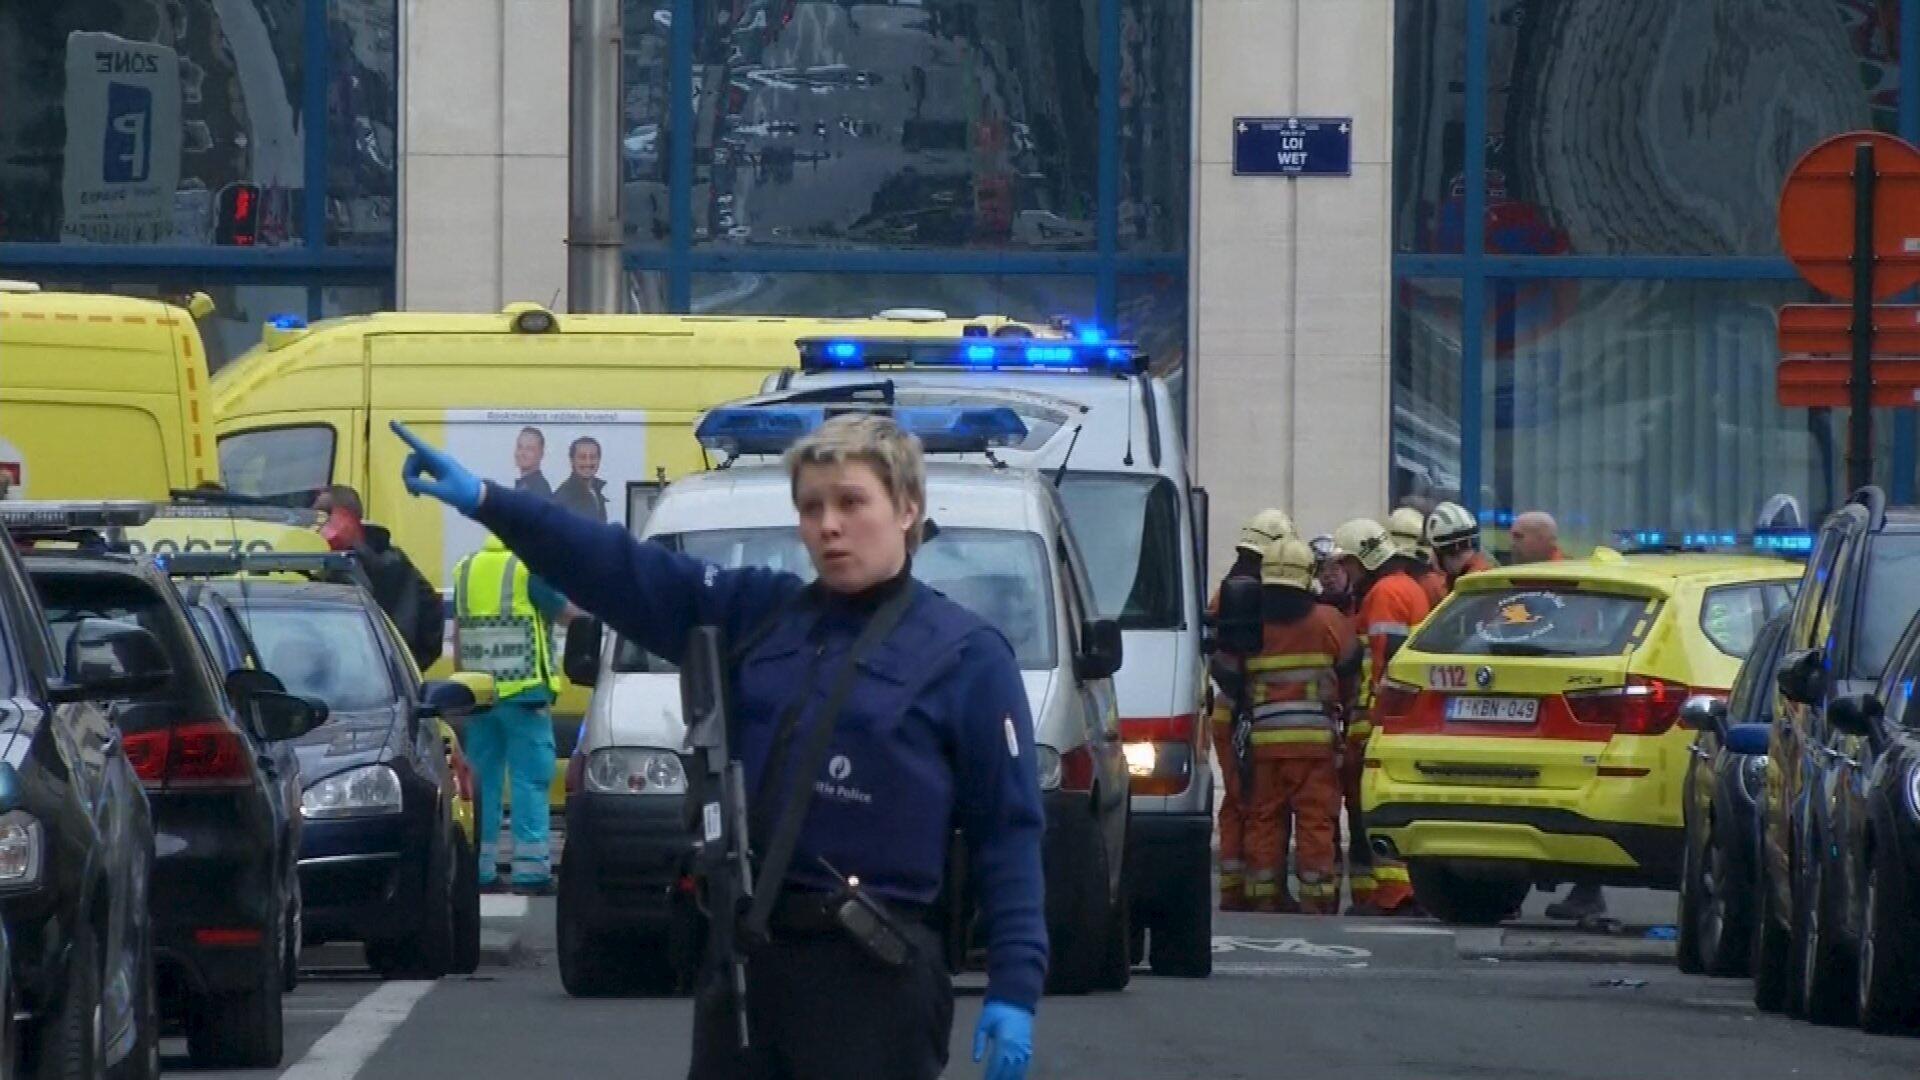 Equipe de resgate em frente da estação de metrô onde aconteceu uma das explosões em Bruxelas.